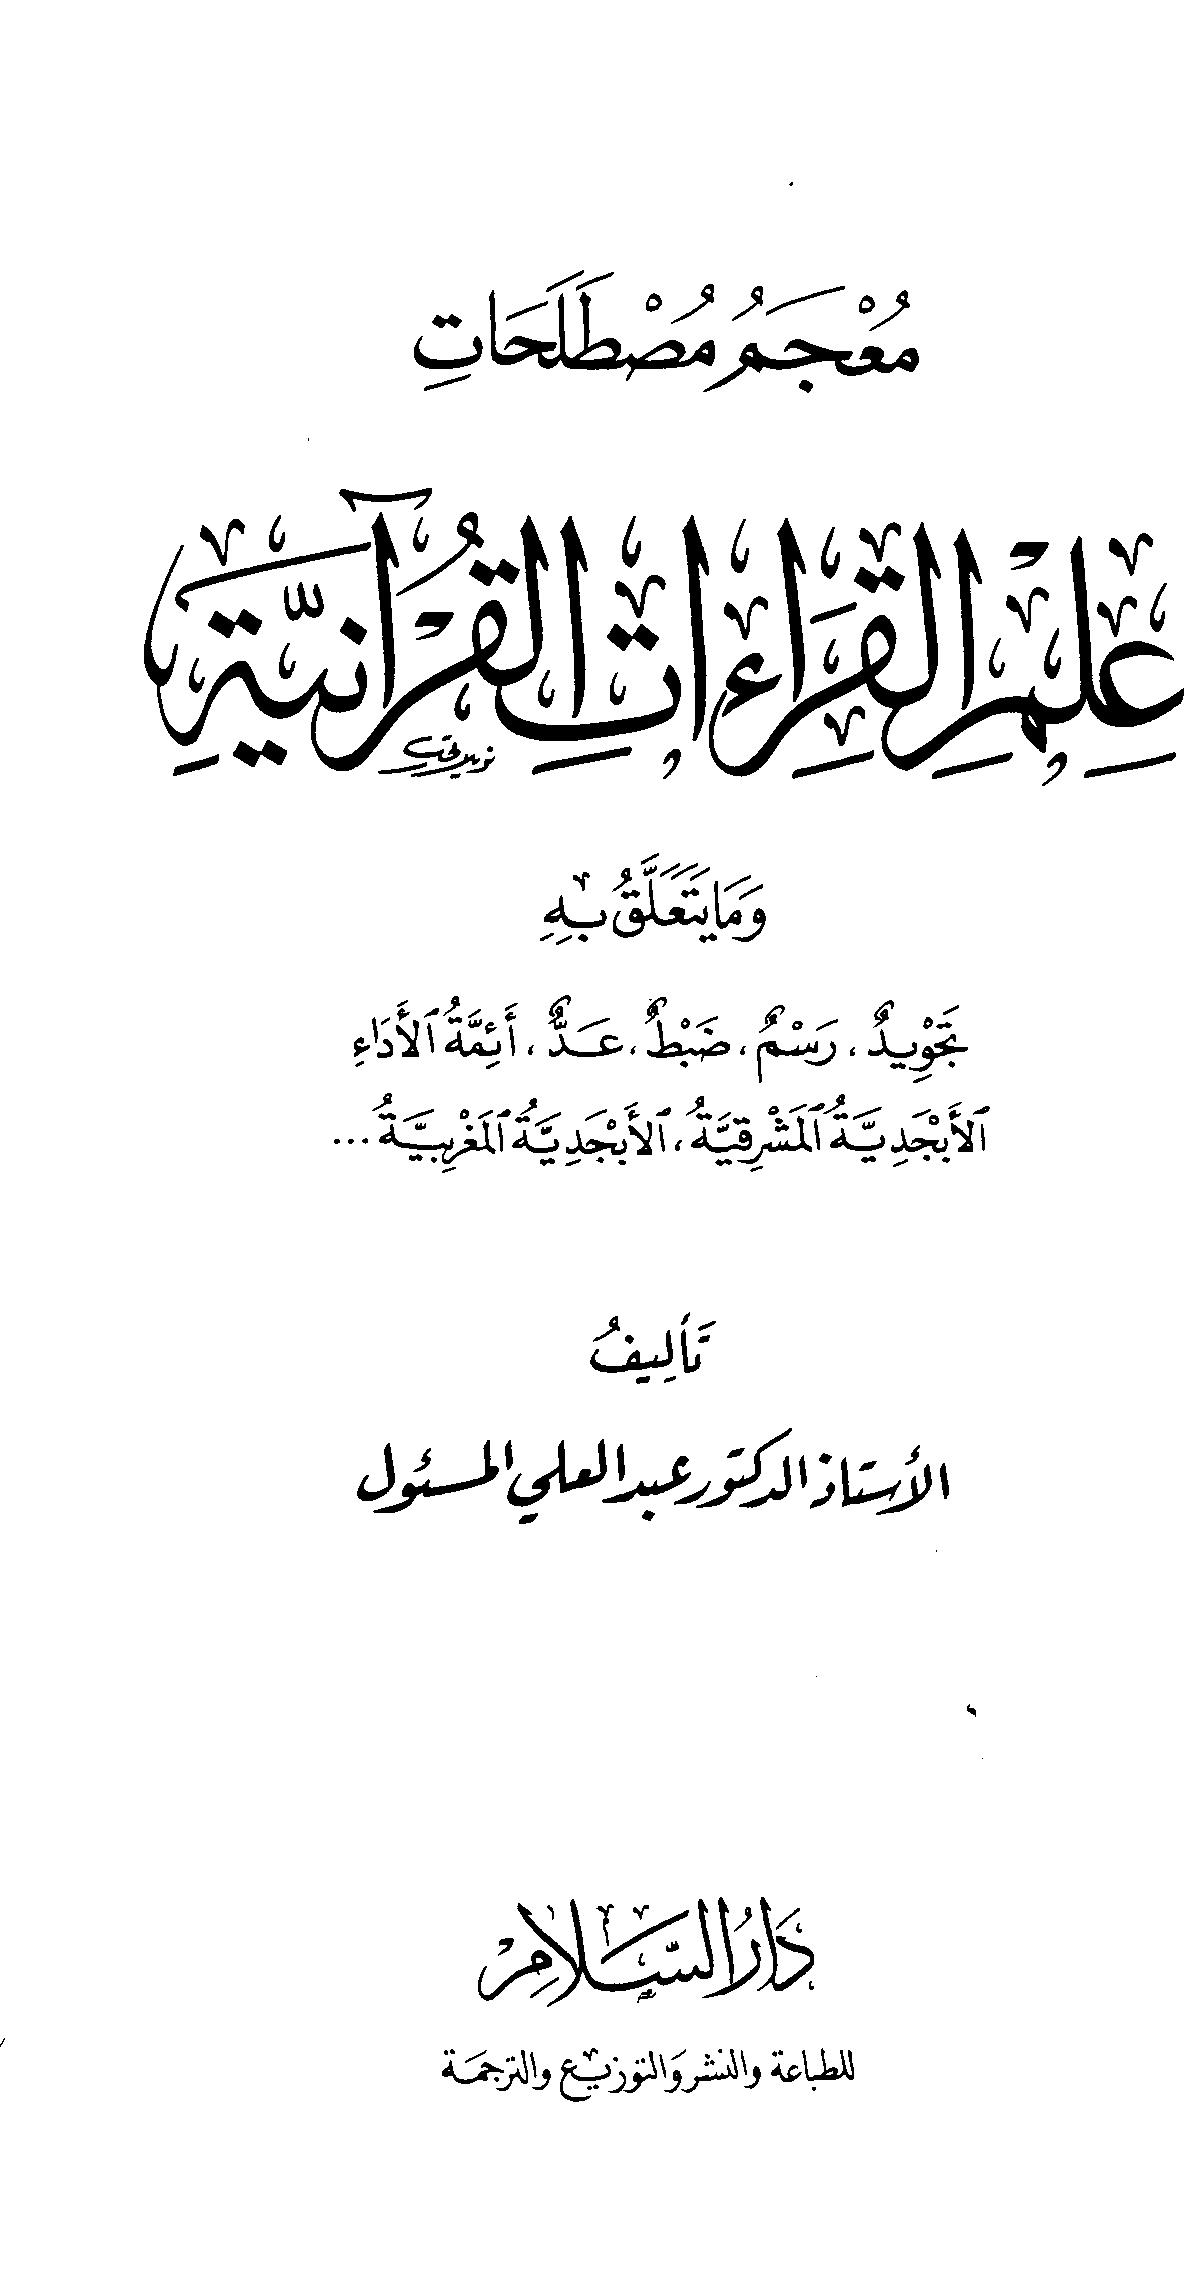 تحميل كتاب معجم مصطلحات علم القراءات القرآنية لـِ: الدكتور عبد العلي المسئول